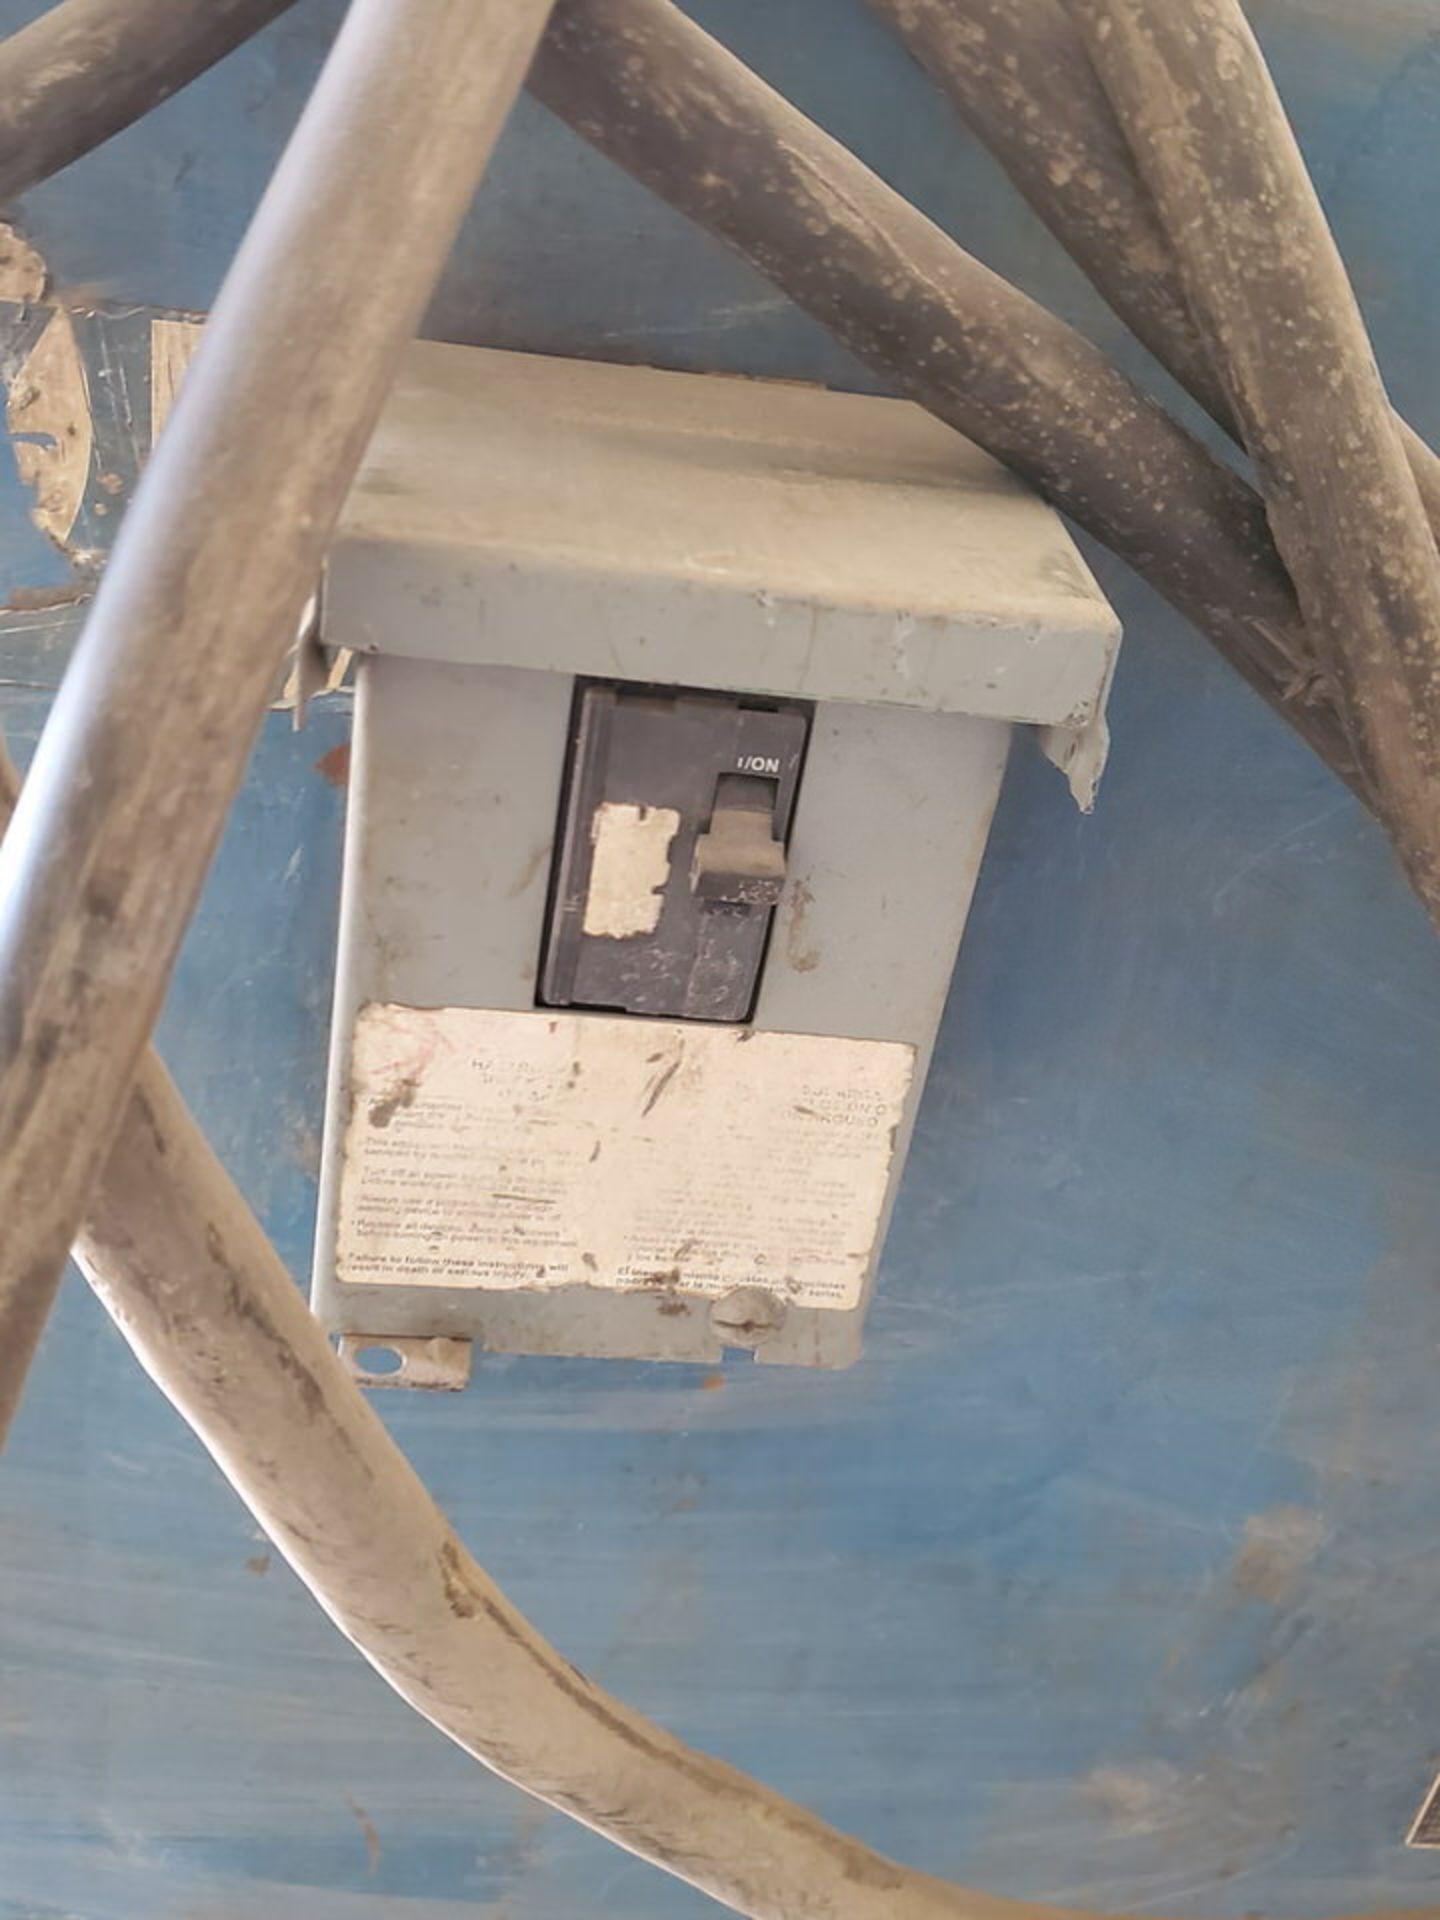 Miller Millermatic 250 Plasma Cutter 200/230V, 48/42A, 1PH, 60HZ - Image 6 of 7